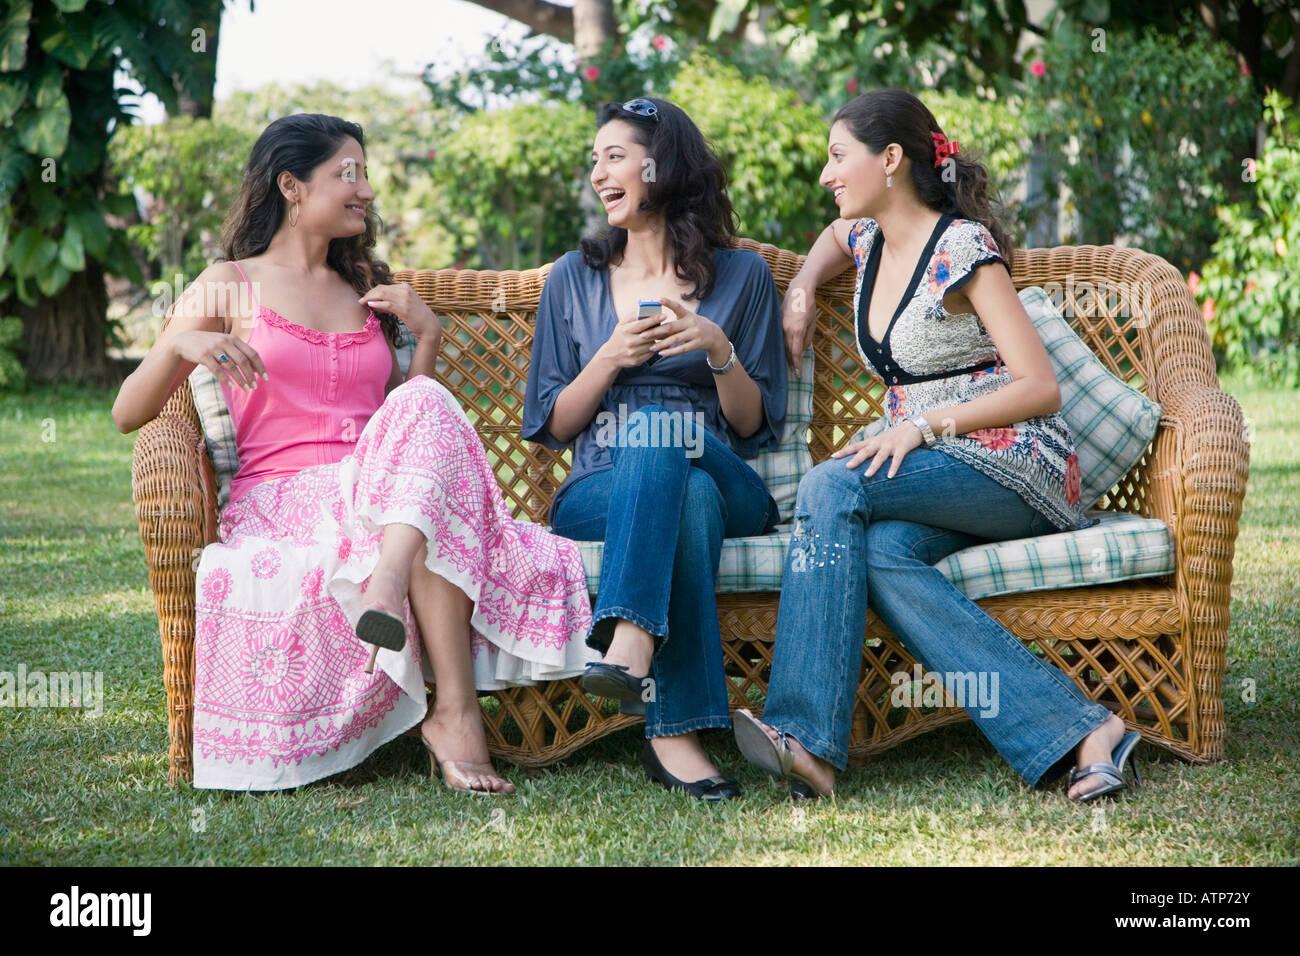 Klatsch mit drei reifer Frauen